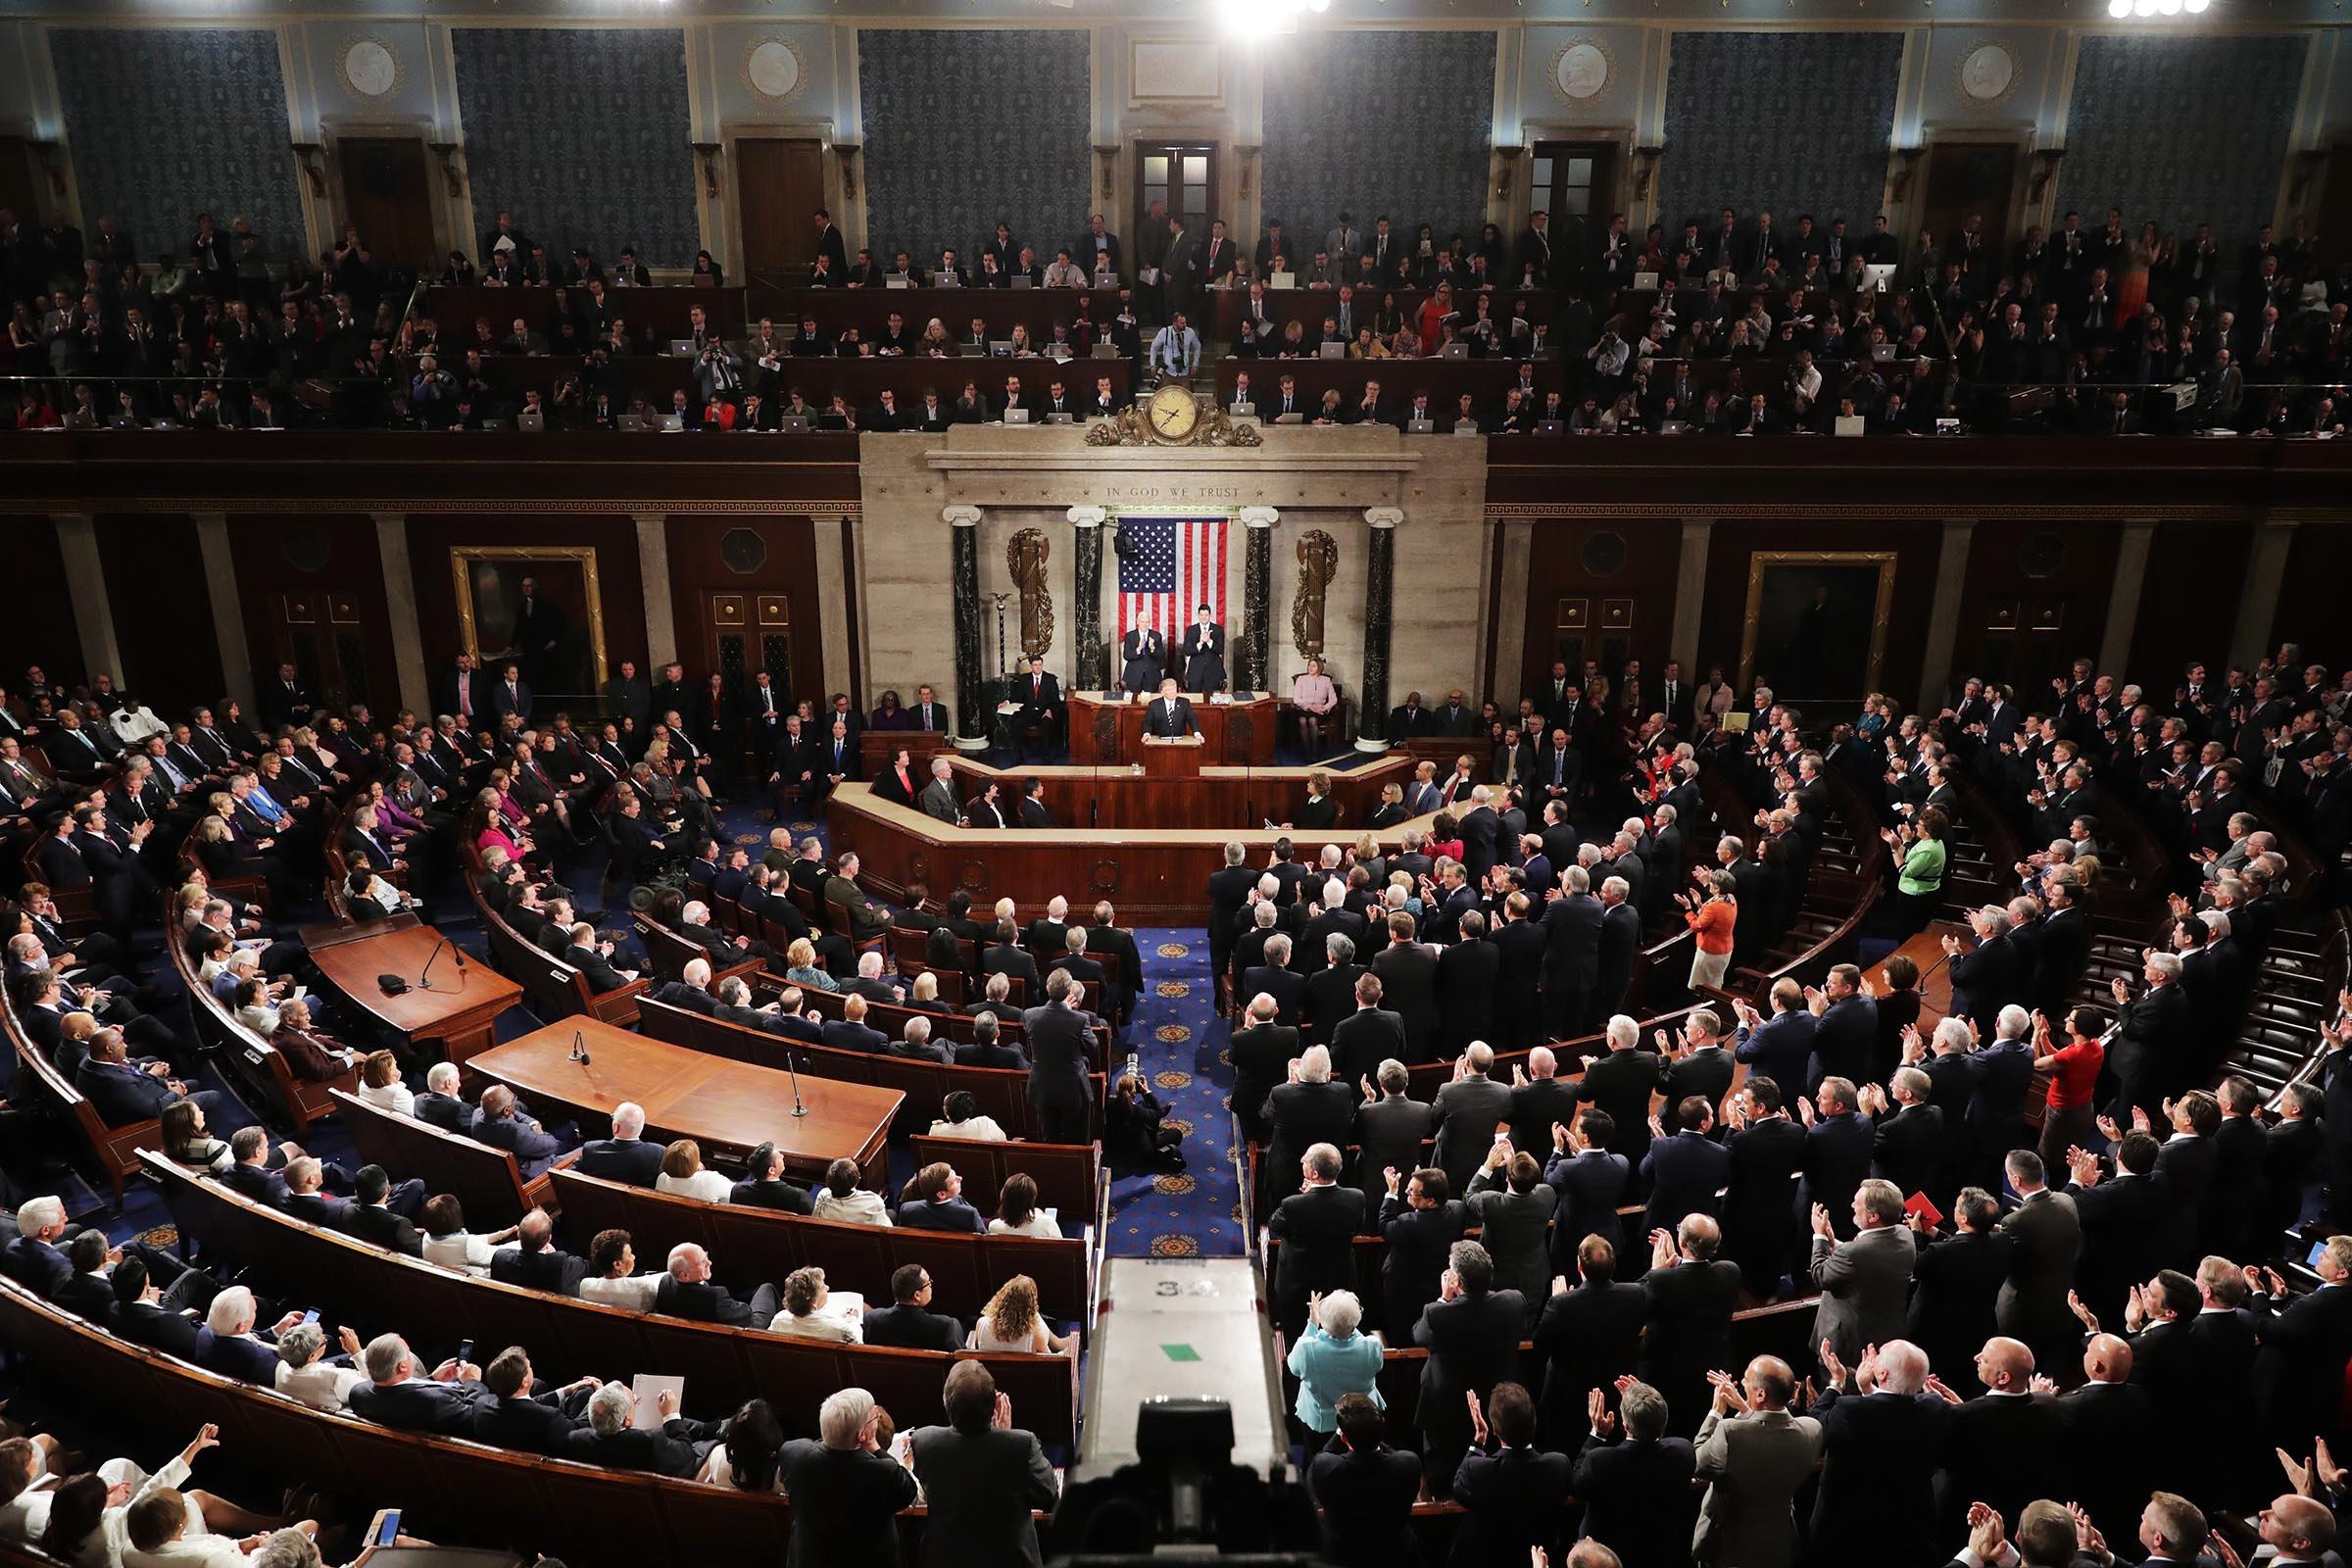 Ông Trump phát biểu trước lưỡng viện quốc hội. Ảnh: Getty Images.